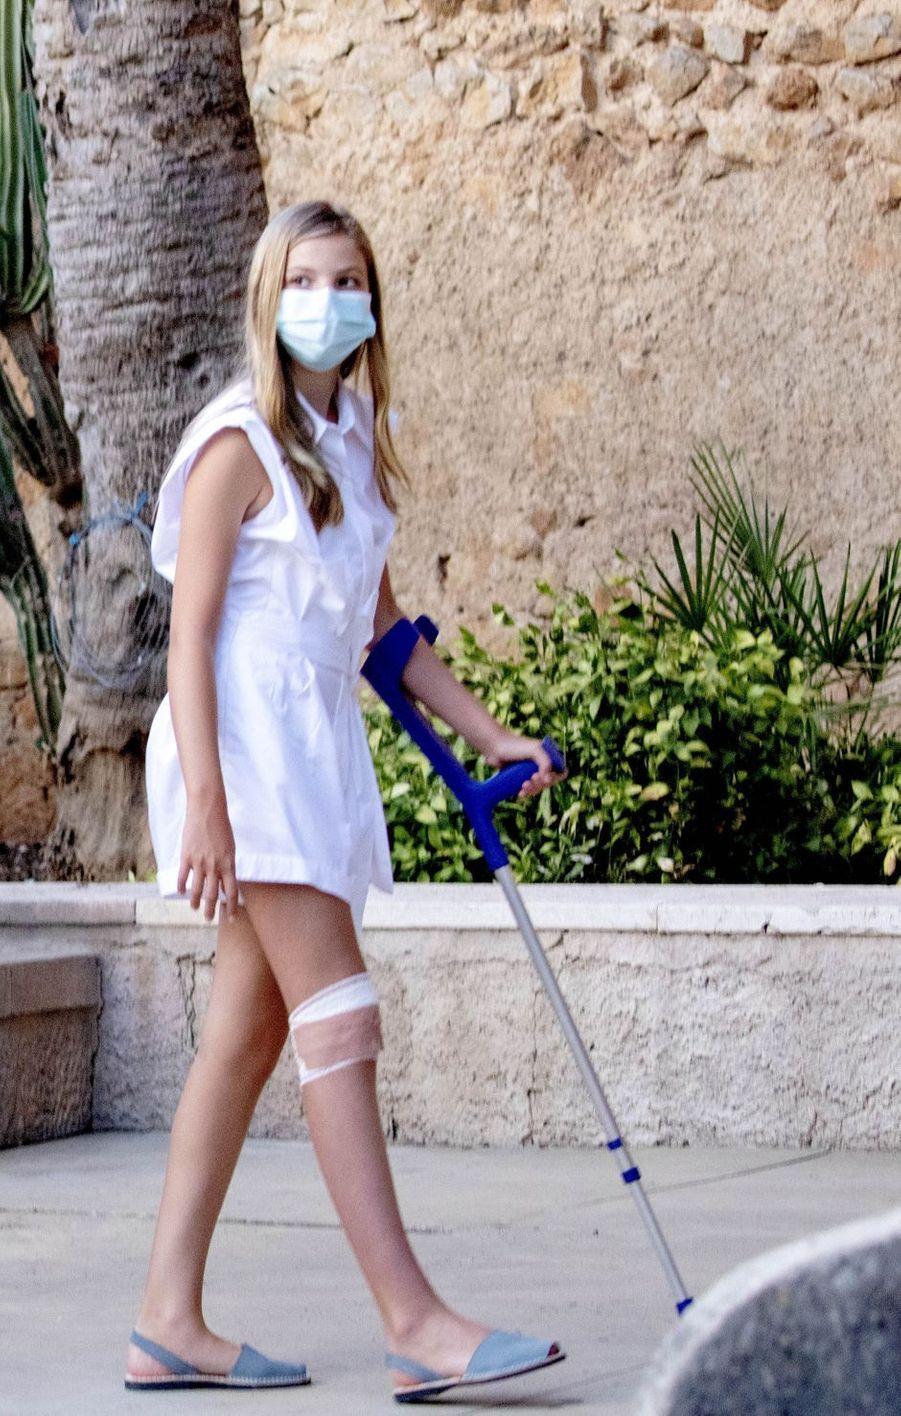 La princesses Sofia d'Espagne, blessée au genou, à Petra sur l'île de Majorque, le 10 août 2020